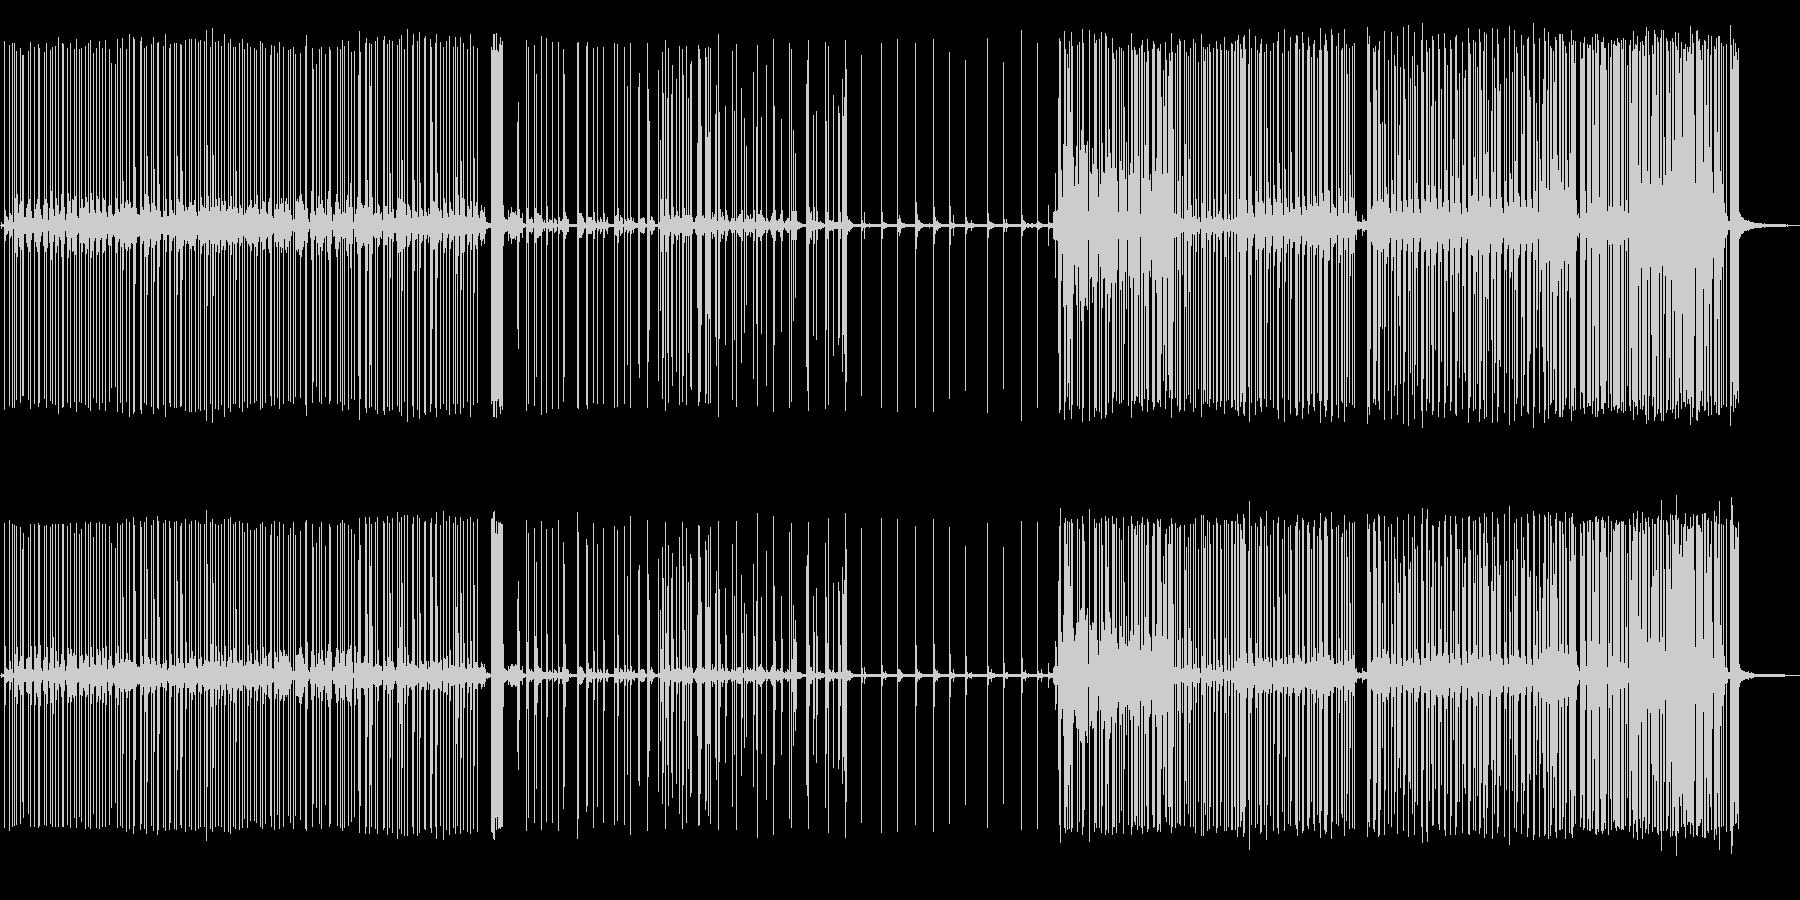 【環境音】小規模な花火大会の音の未再生の波形